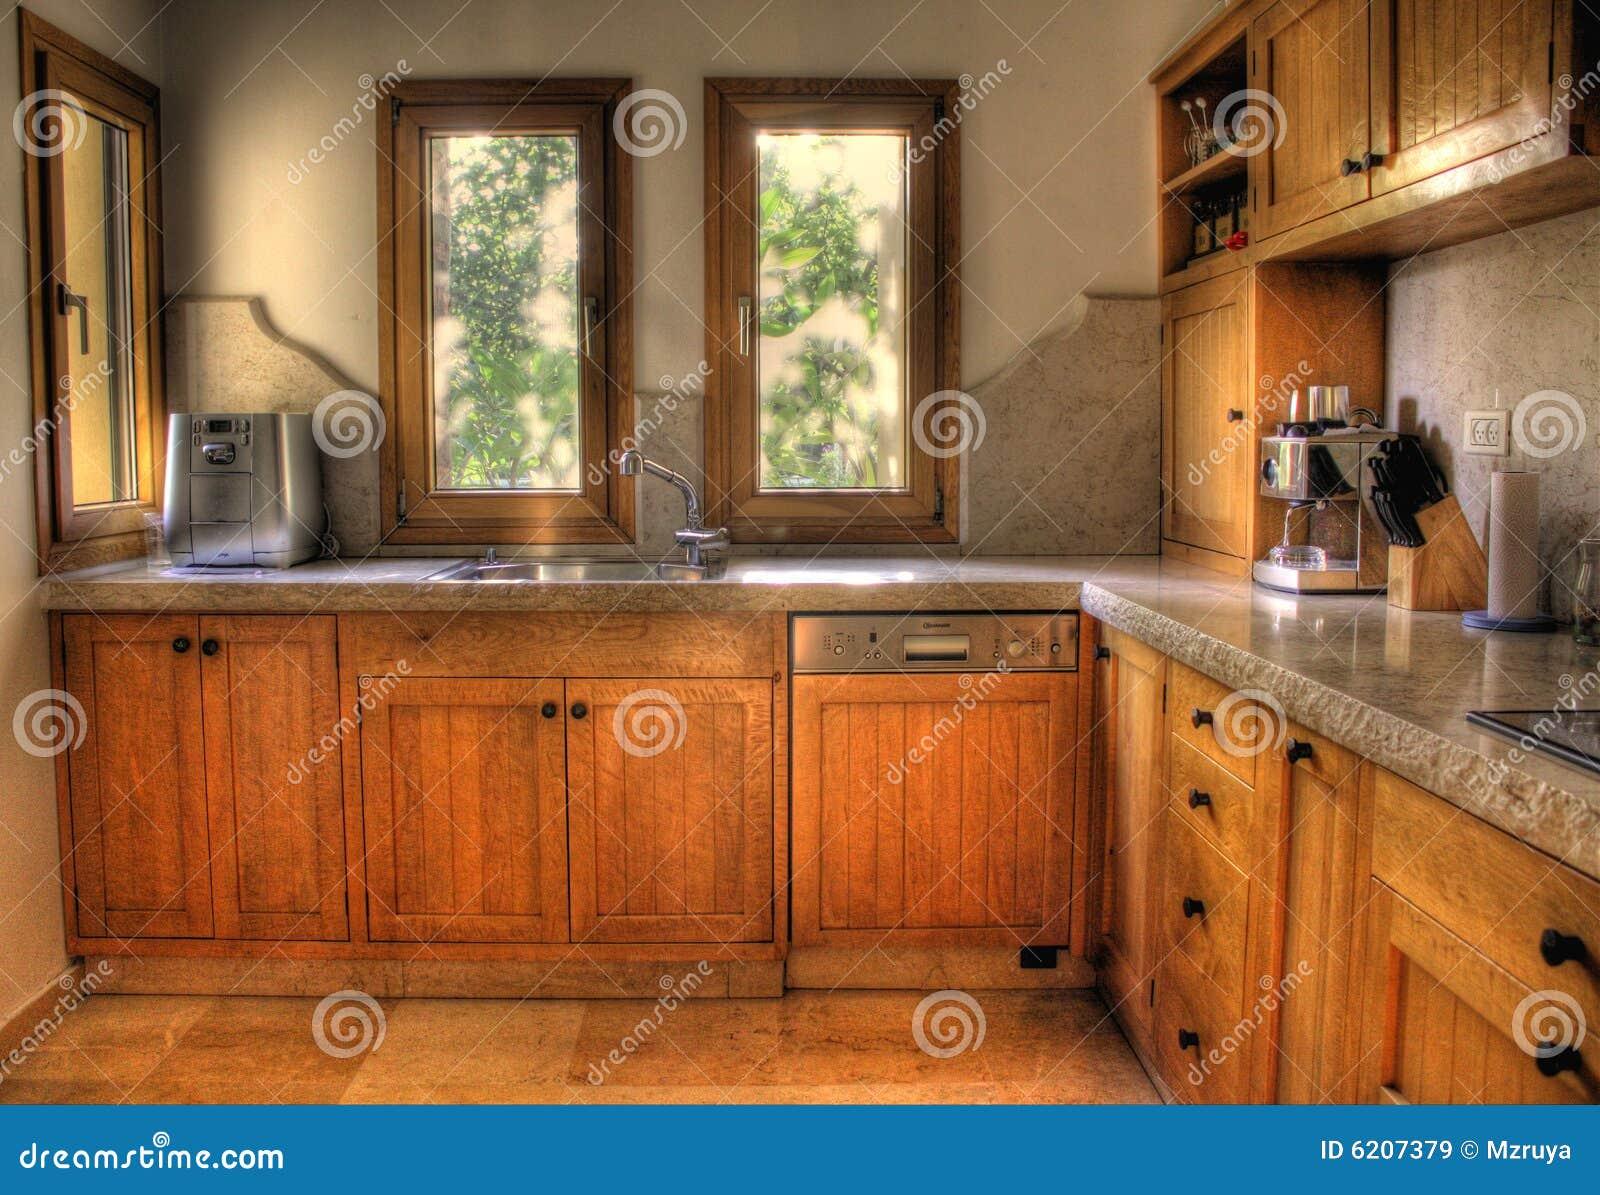 Cocina ideal imagen de archivo. Imagen de ventana, indoor - 6207379